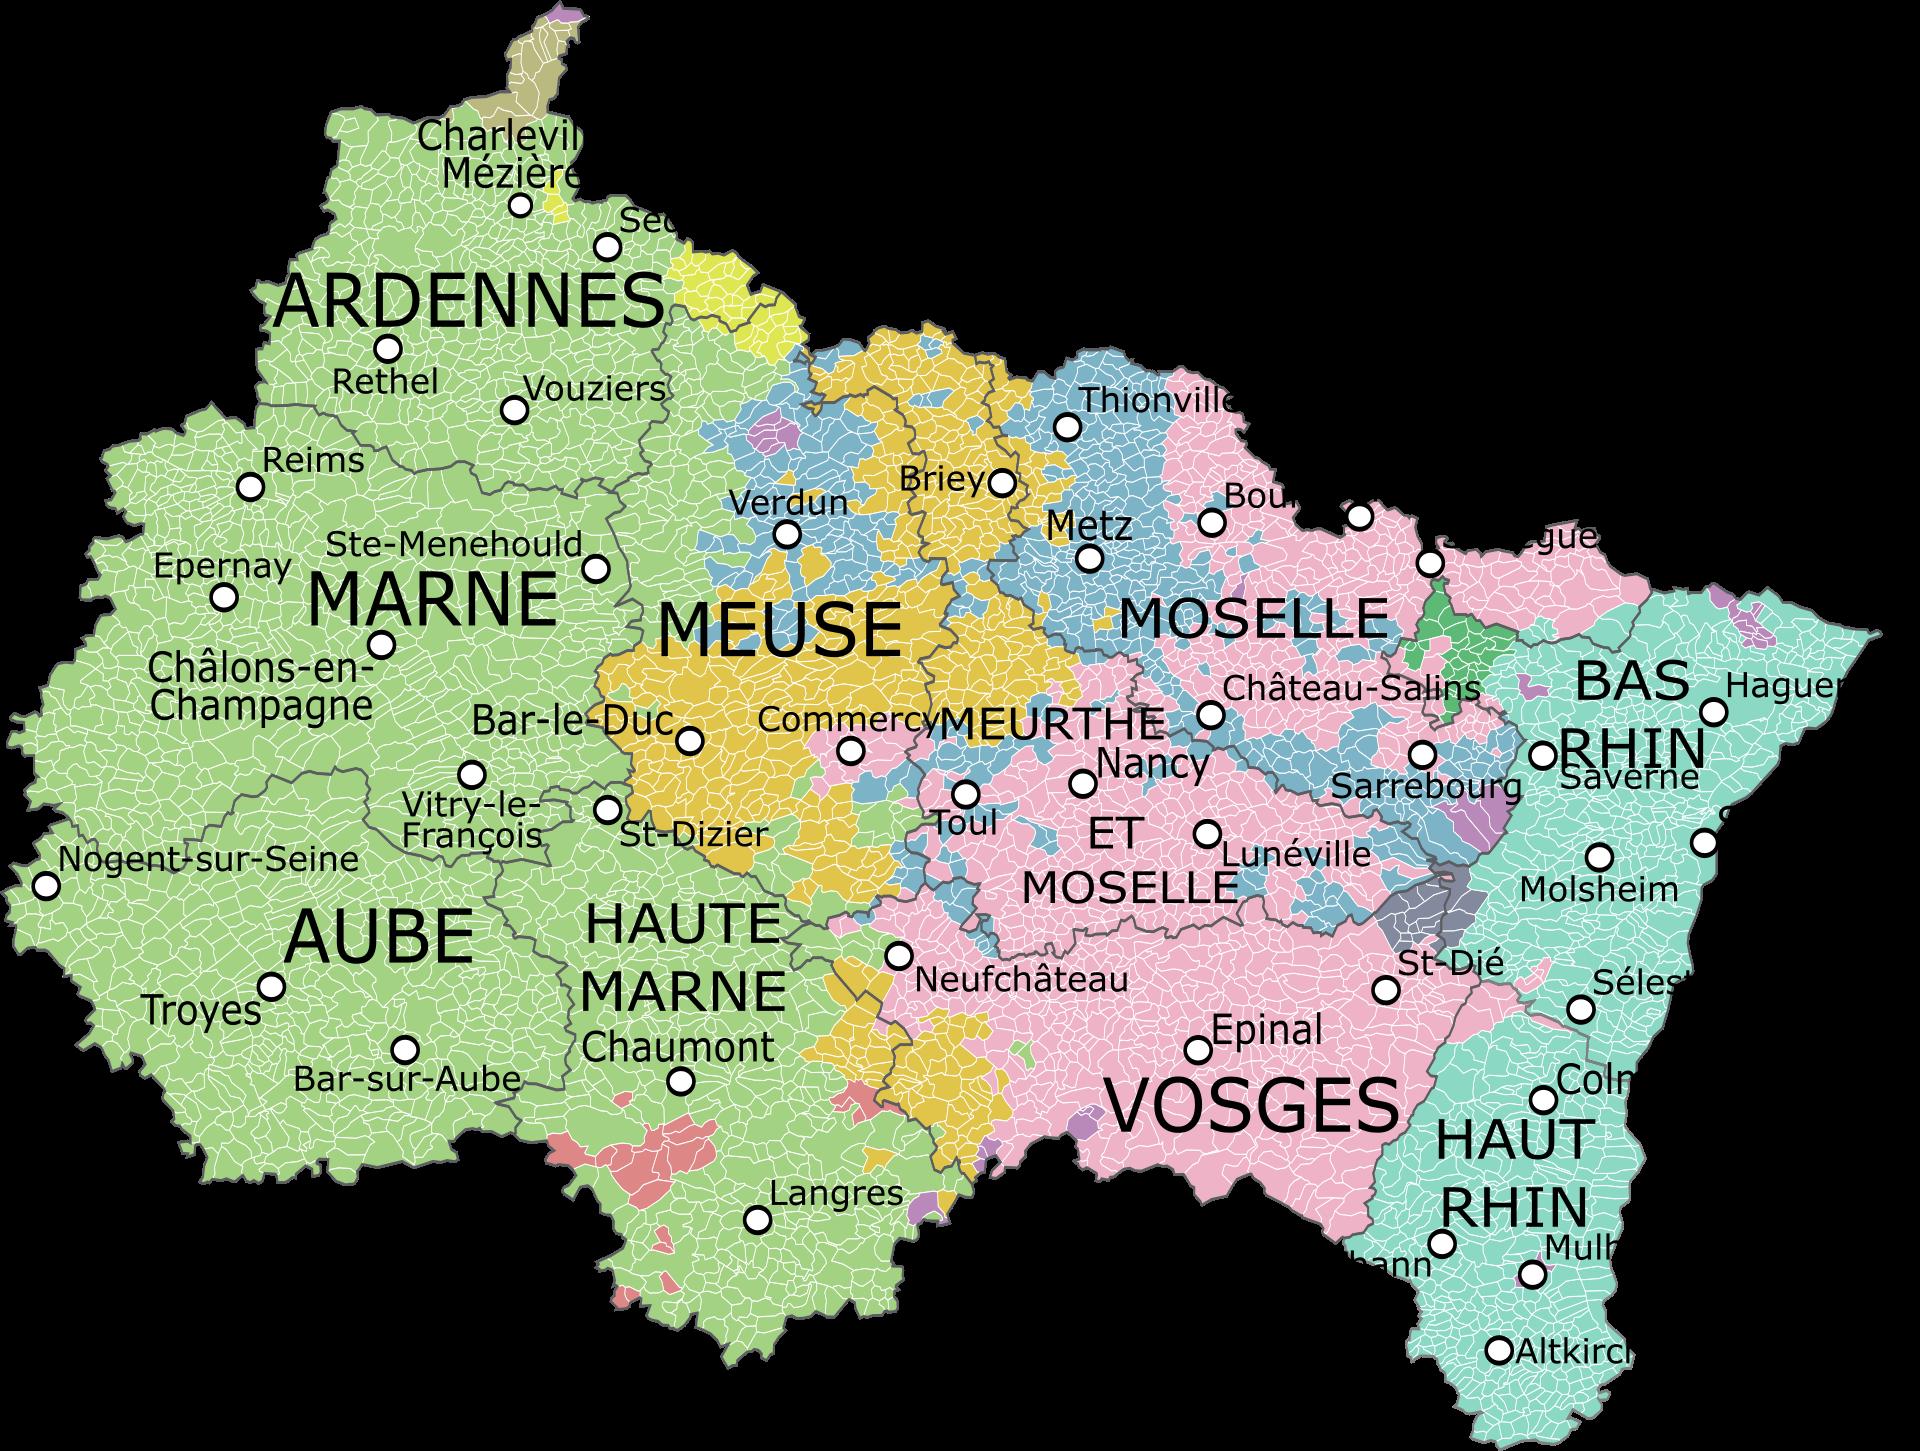 Alsace Champagne Ardenne Lorraine Champagne Ardenne Lorraine Alsace